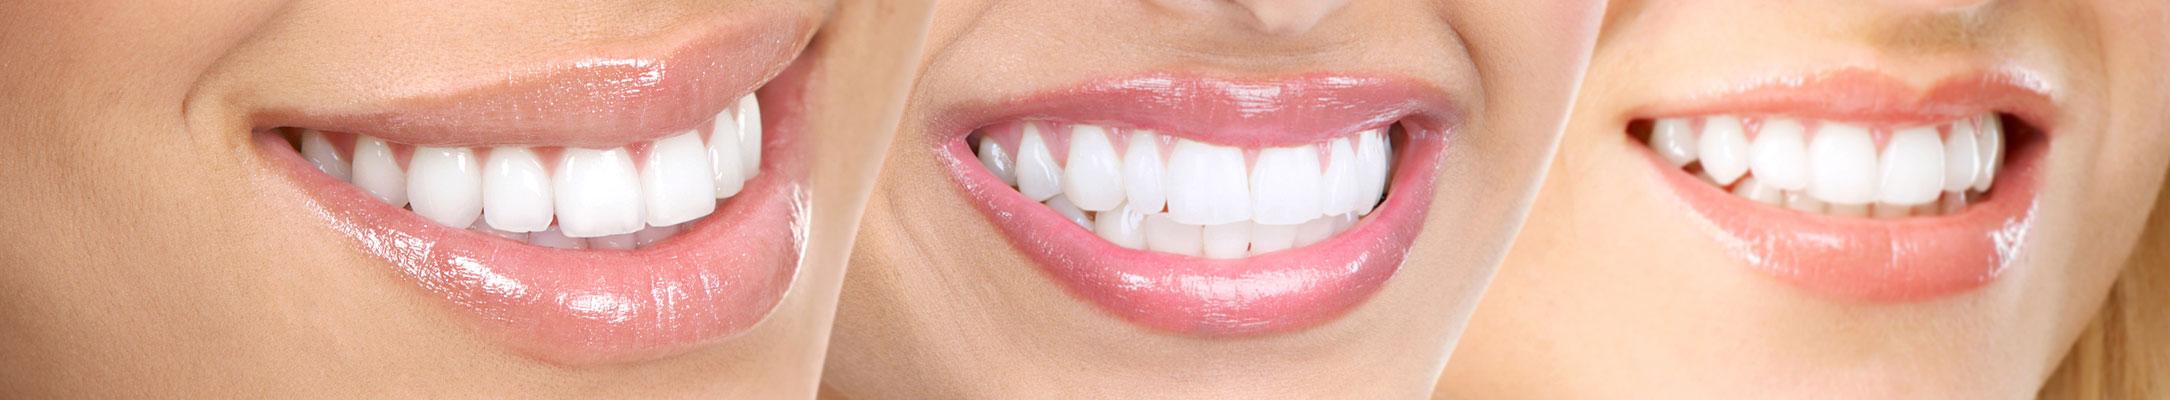 Bělení zubů stomatologie Praha 2